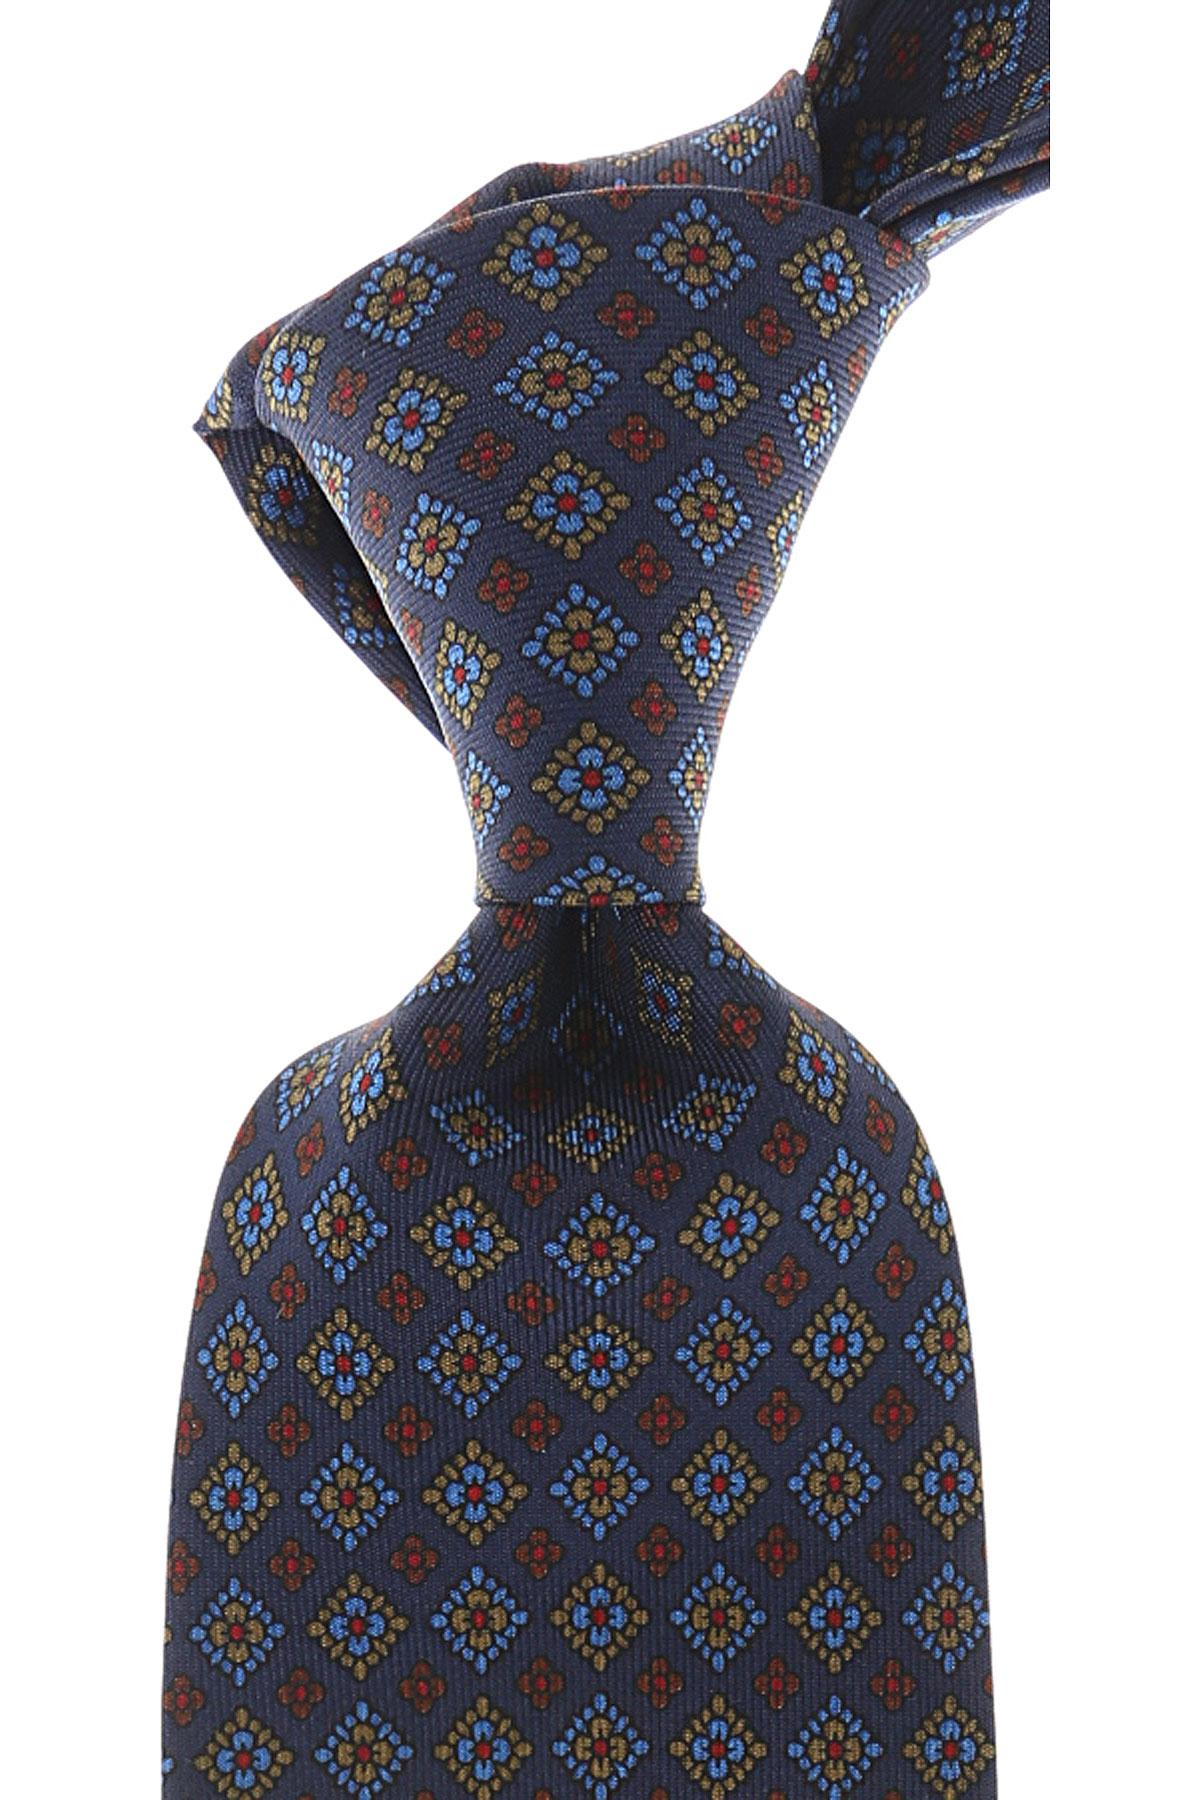 Marinella Cravates Pas cher en Soldes, Bleu marine, Soie, 2019